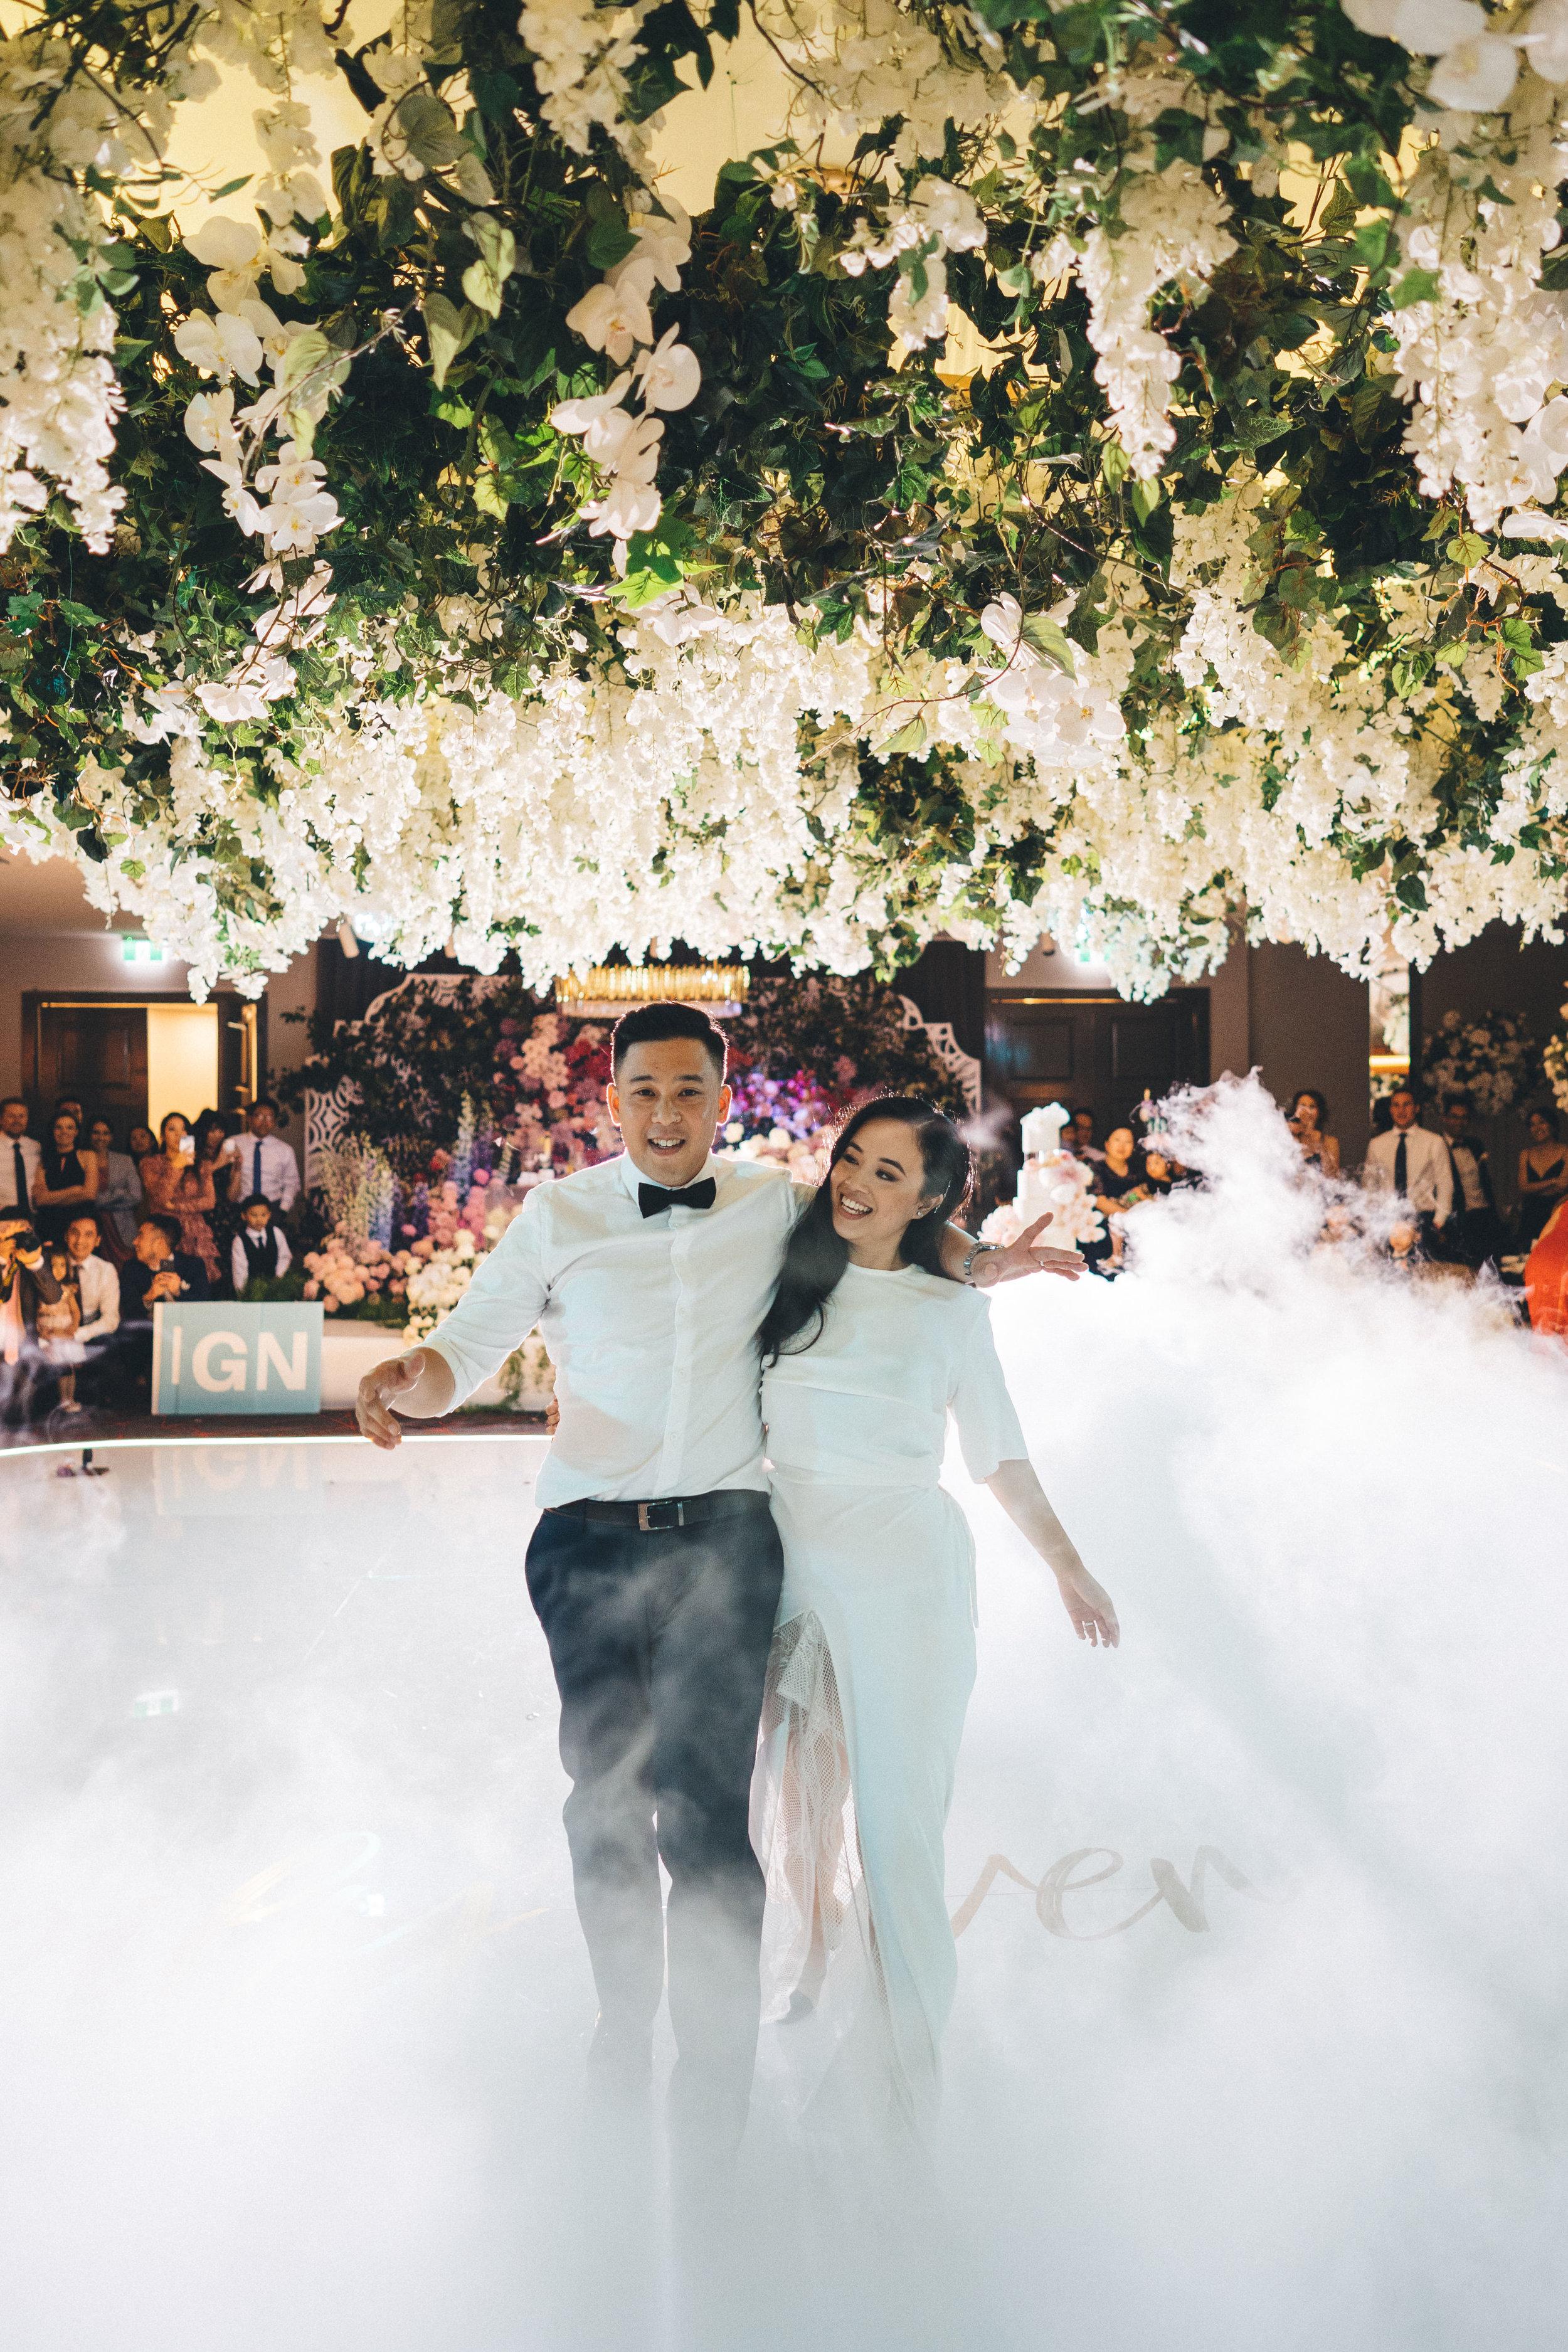 Annabelle-Phong-Wedding-HI-RES-0862.jpg